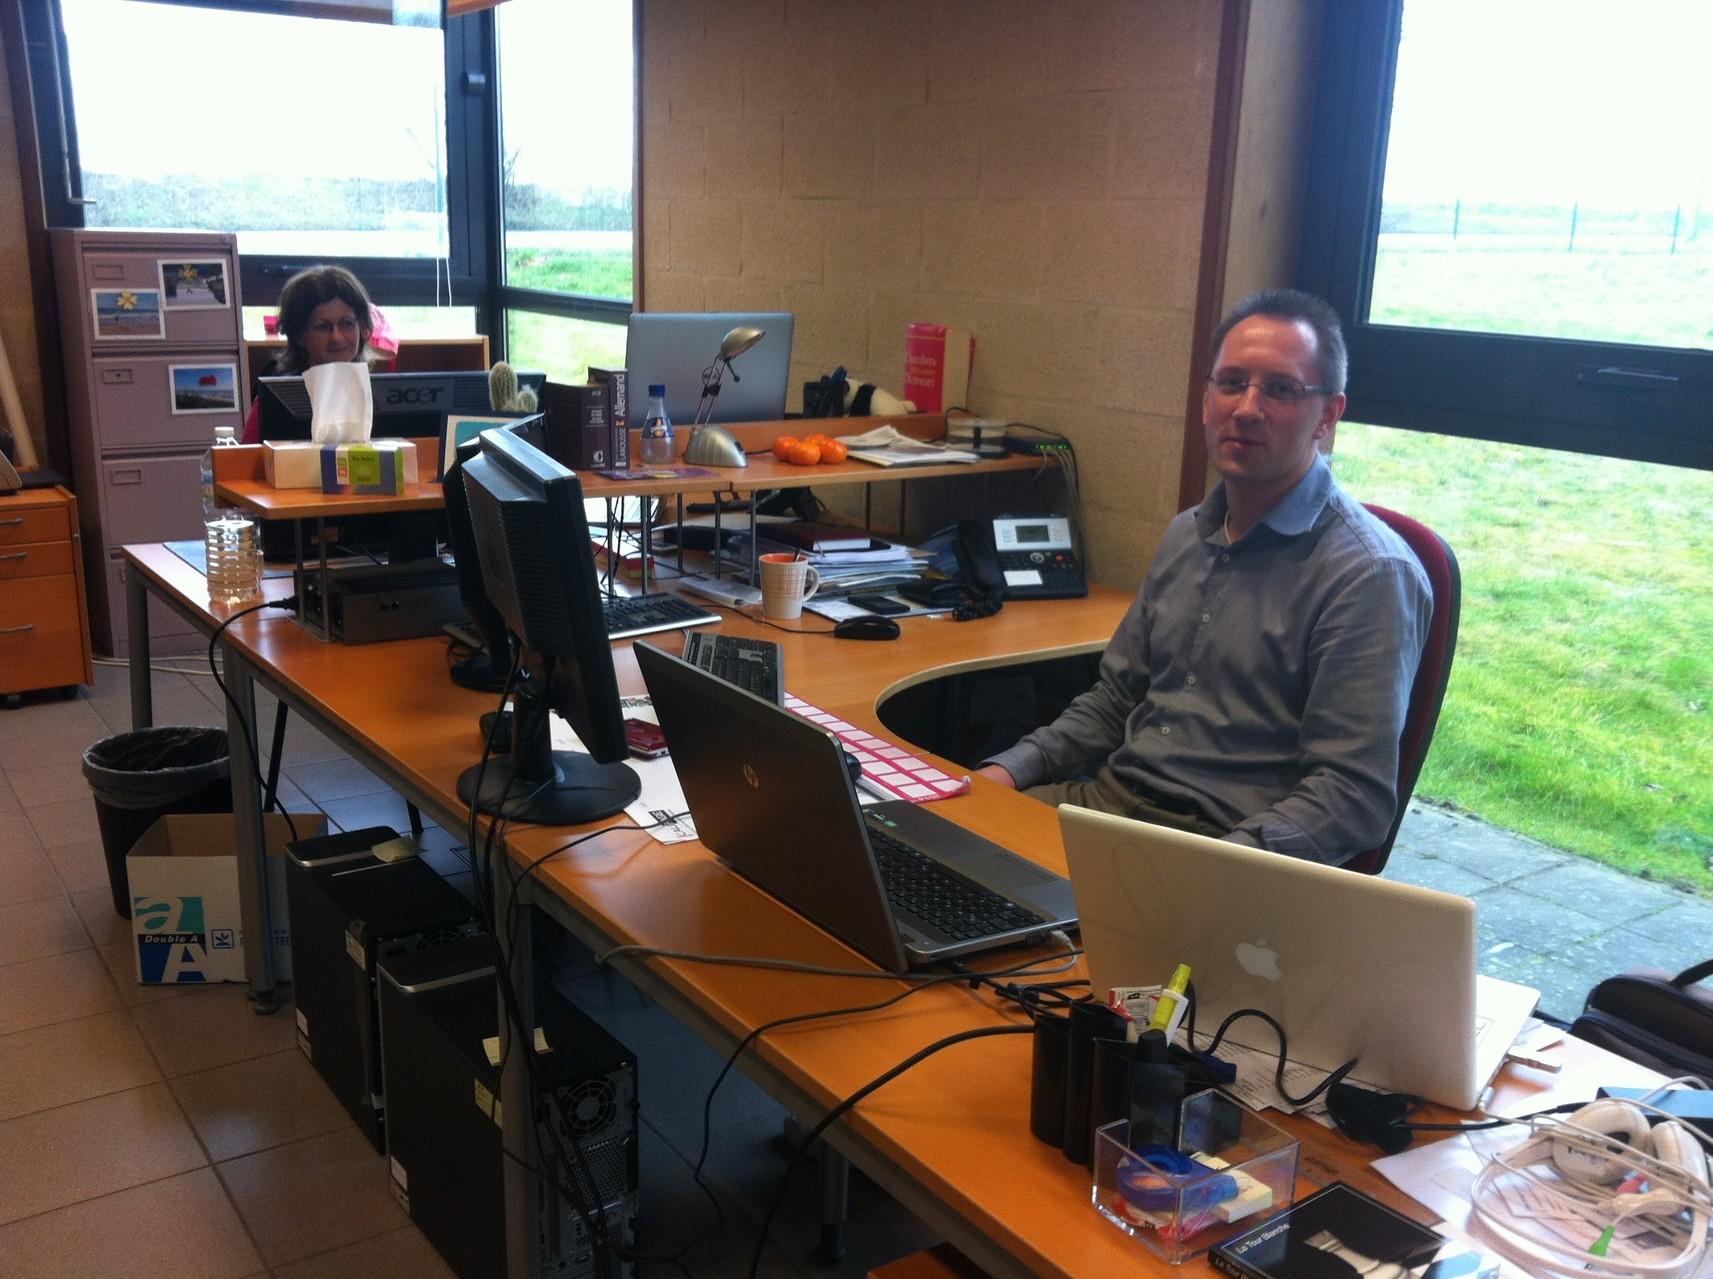 PC技術面での顧客サポートをするお部屋